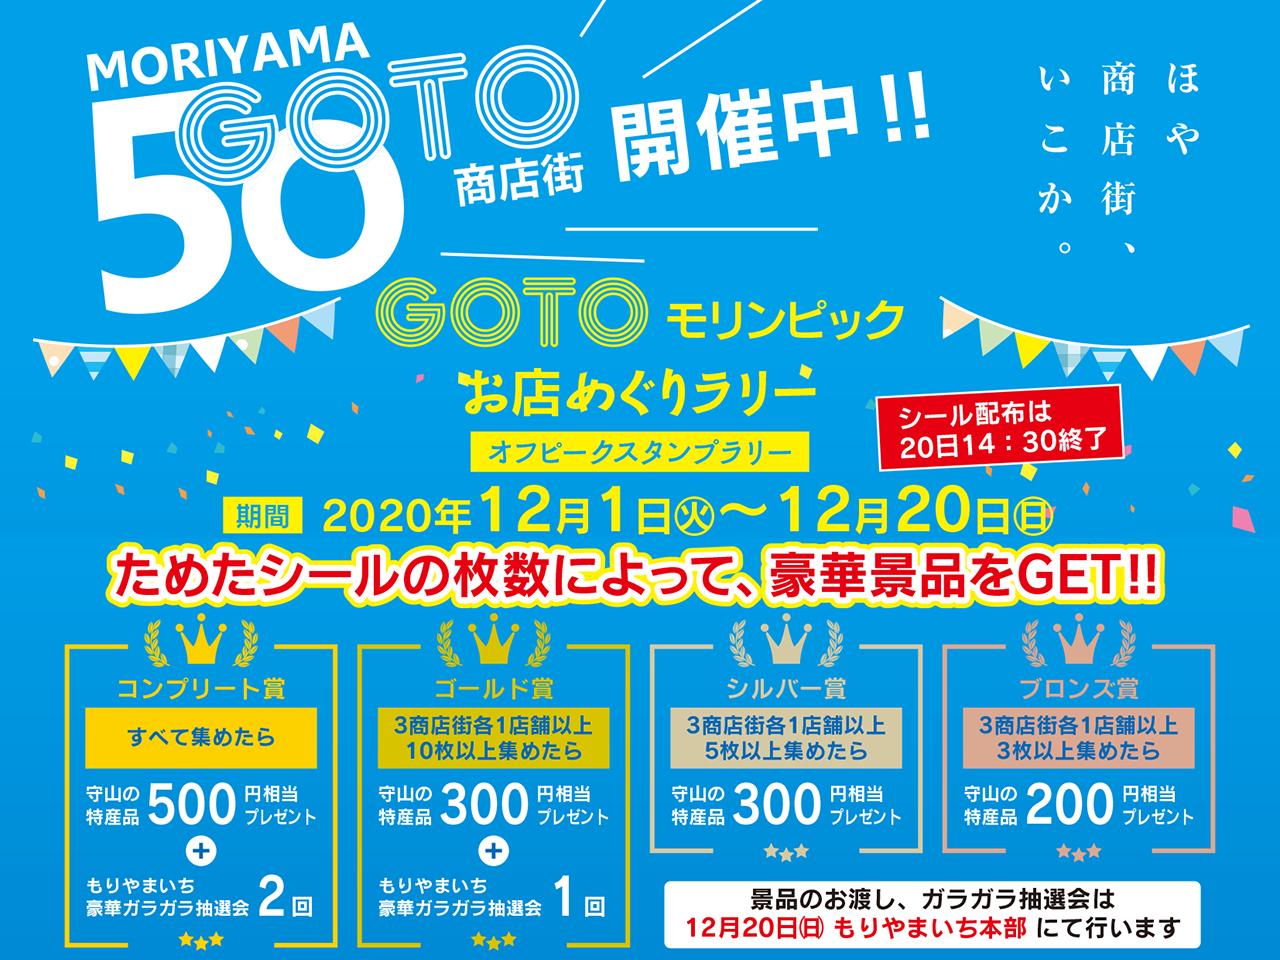 21/GOTOモリンピックお店めぐりラリー/12月1日〜20日